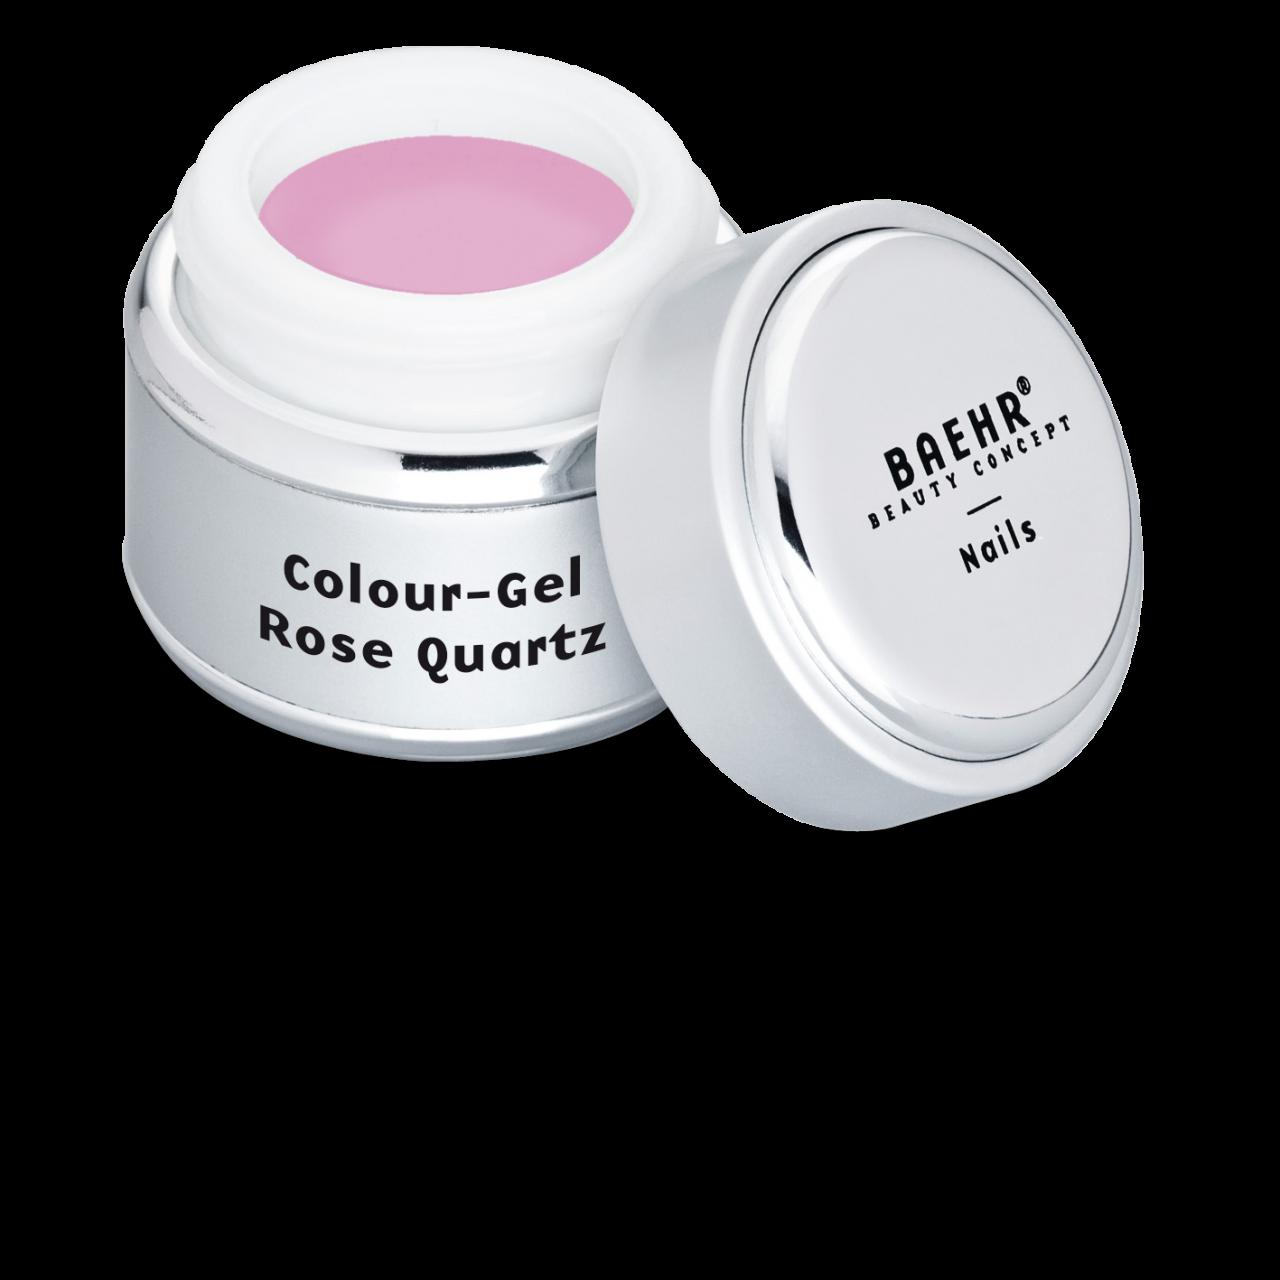 Colour-Gel Rose Quartz 5 ml